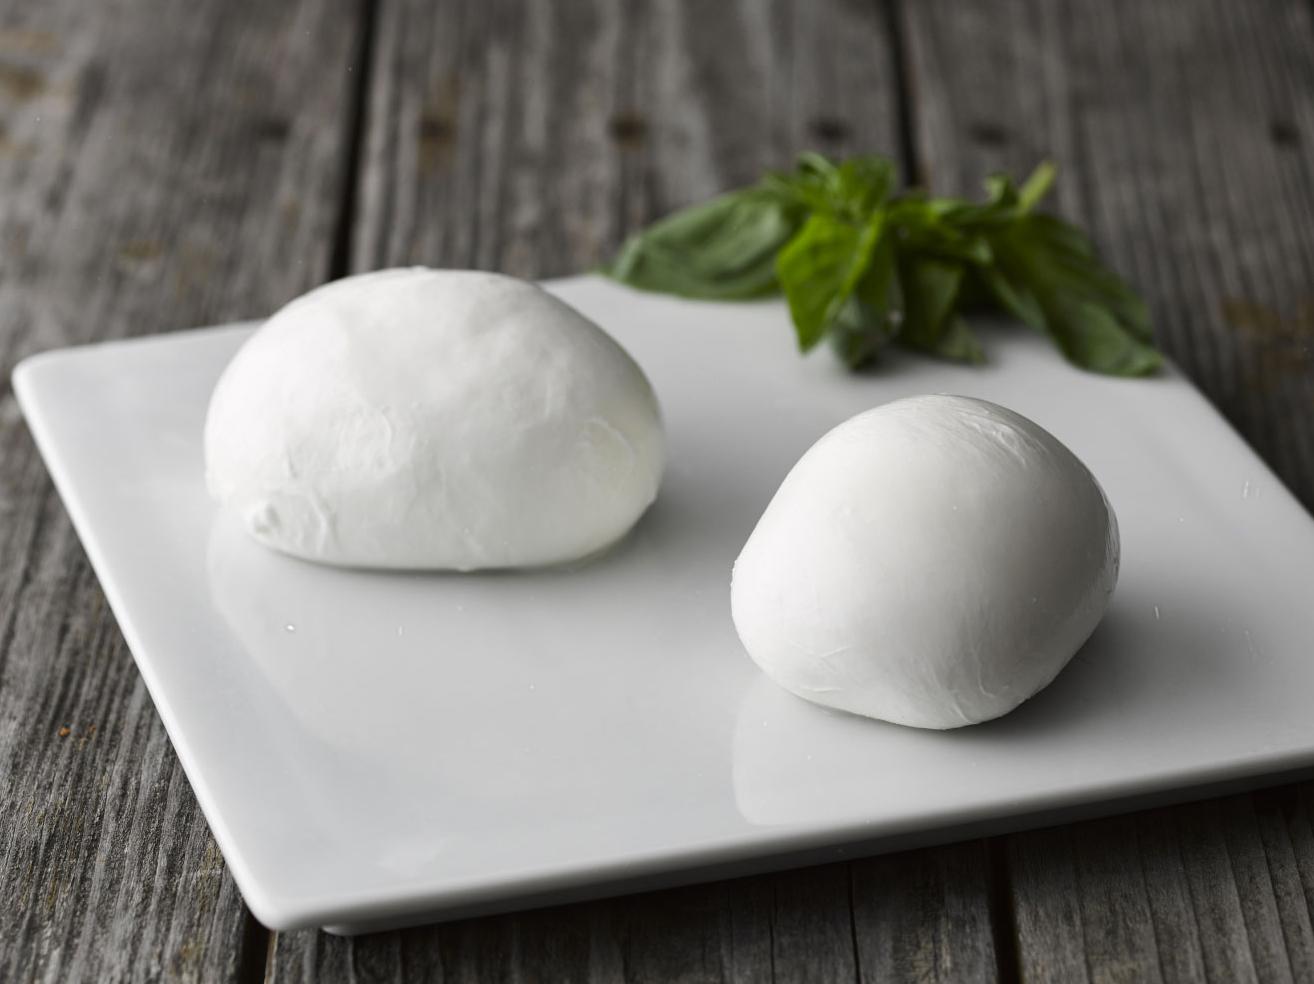 カワバチーズ4種詰合せセットの商品詳細イメージ-1380